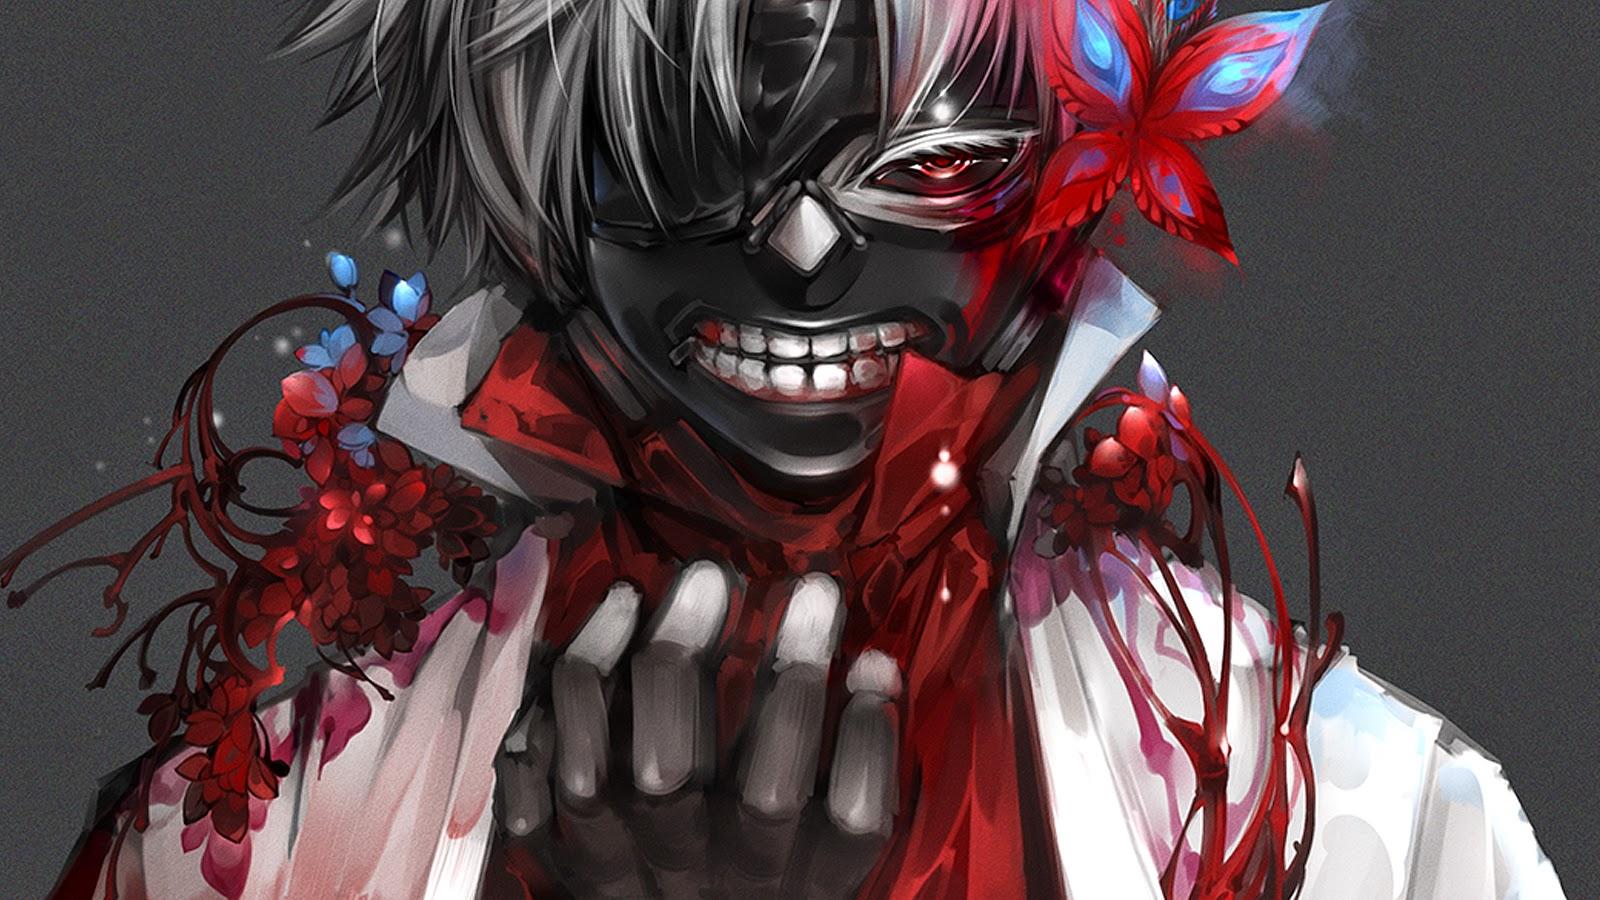 [47+] Kaneki Ken Wallpaper HD on WallpaperSafari